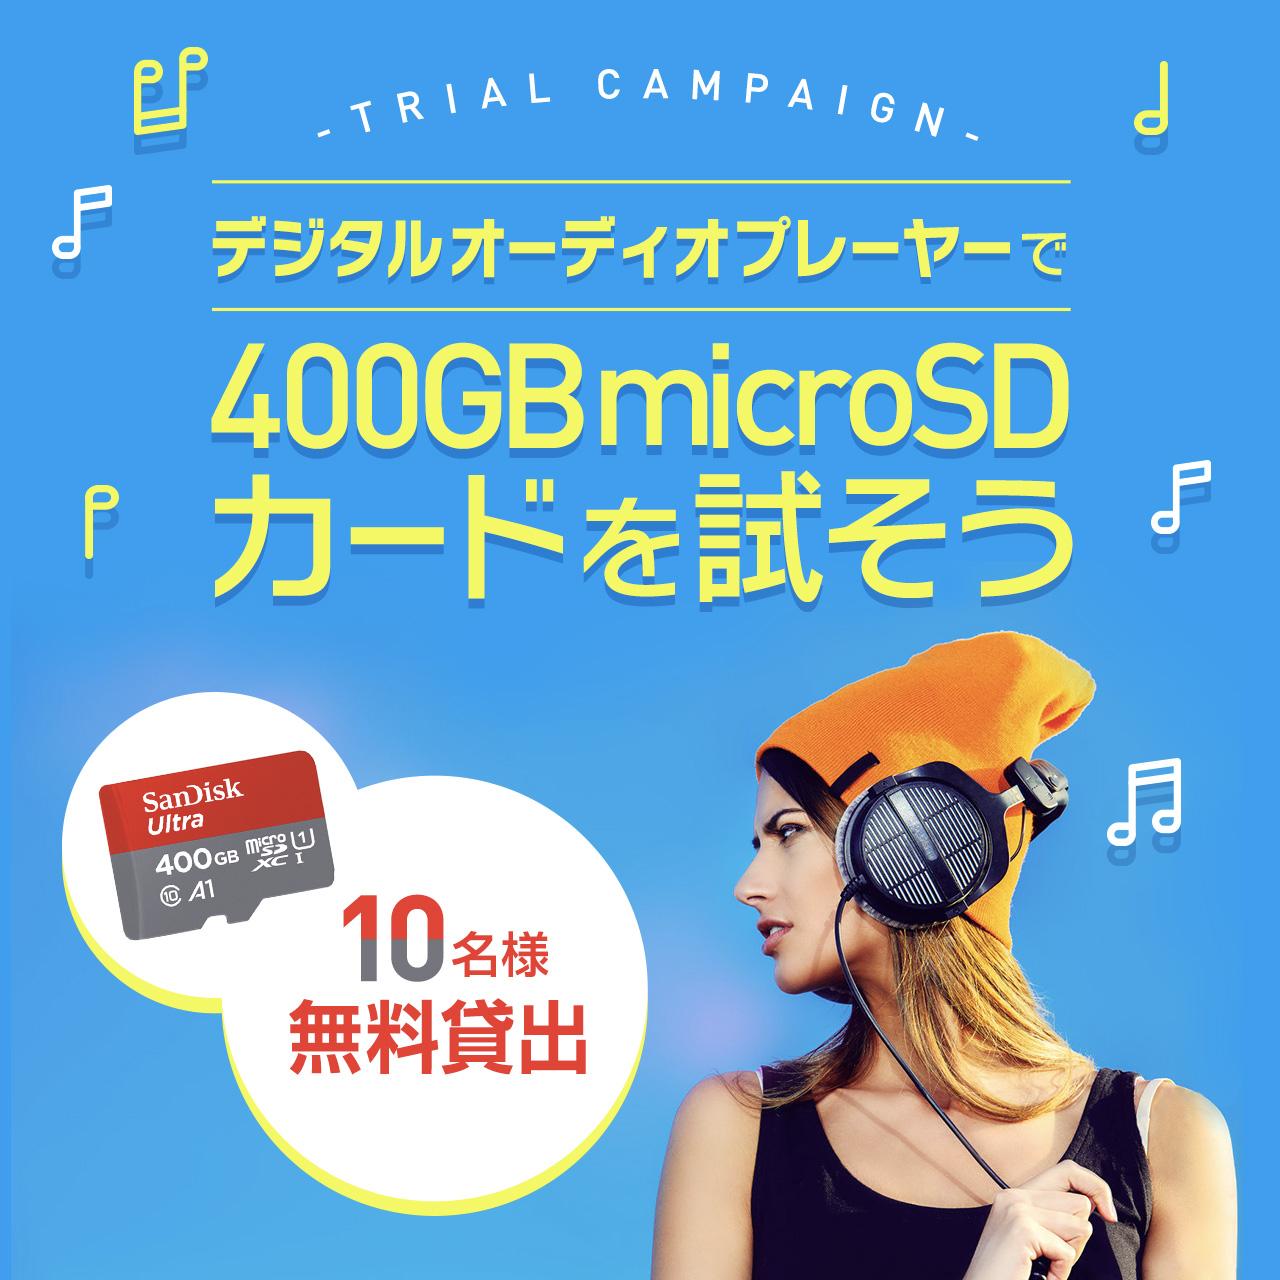 【受付終了】デジタルオーディオプレーヤーで 400GB microSD カードを試そうキャンペーン